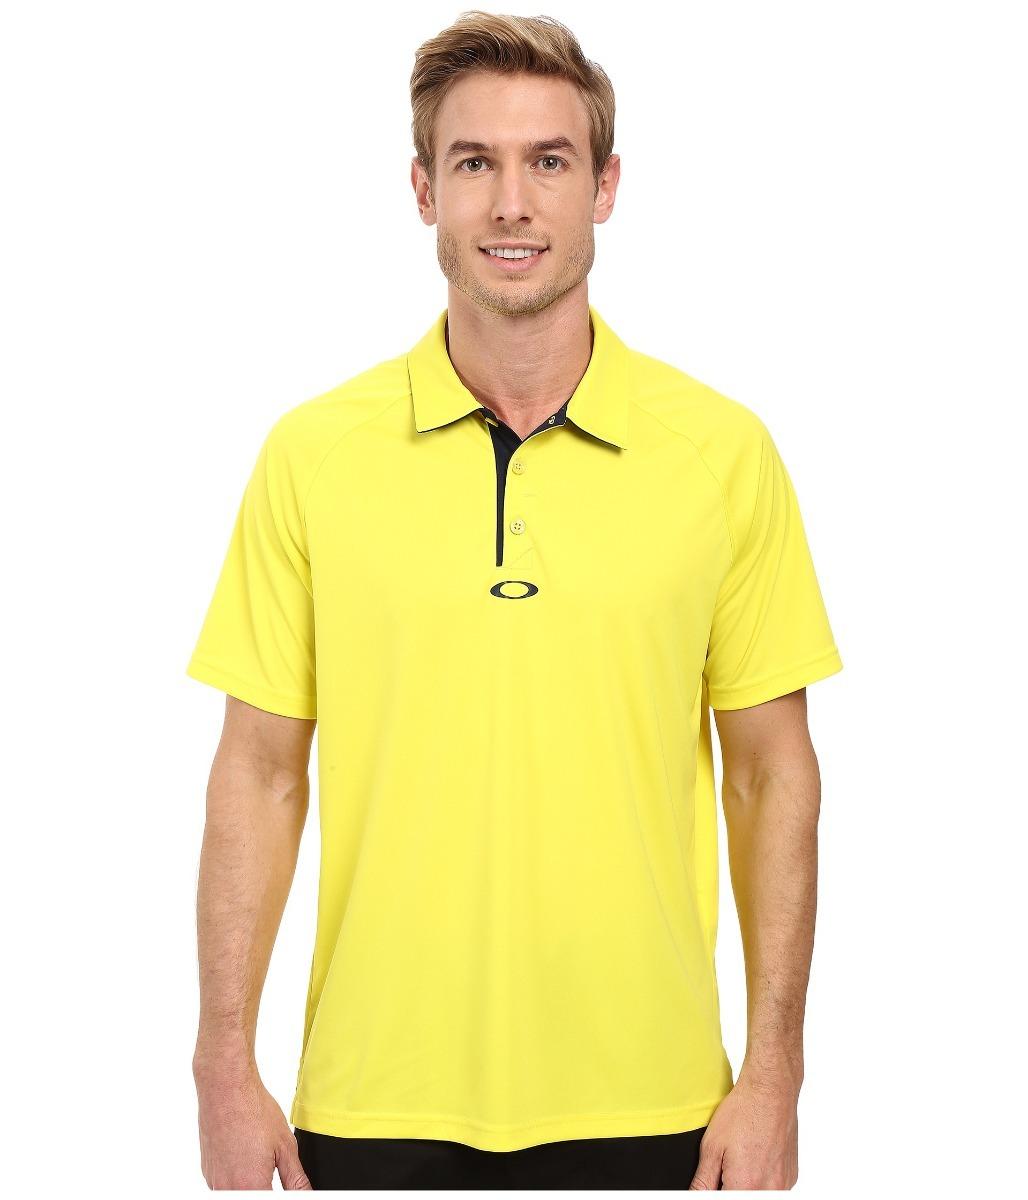 Camisa Polo Hombre Oakley Golf Amarilla Talla Grande Nueva ... 71280d5b5bd